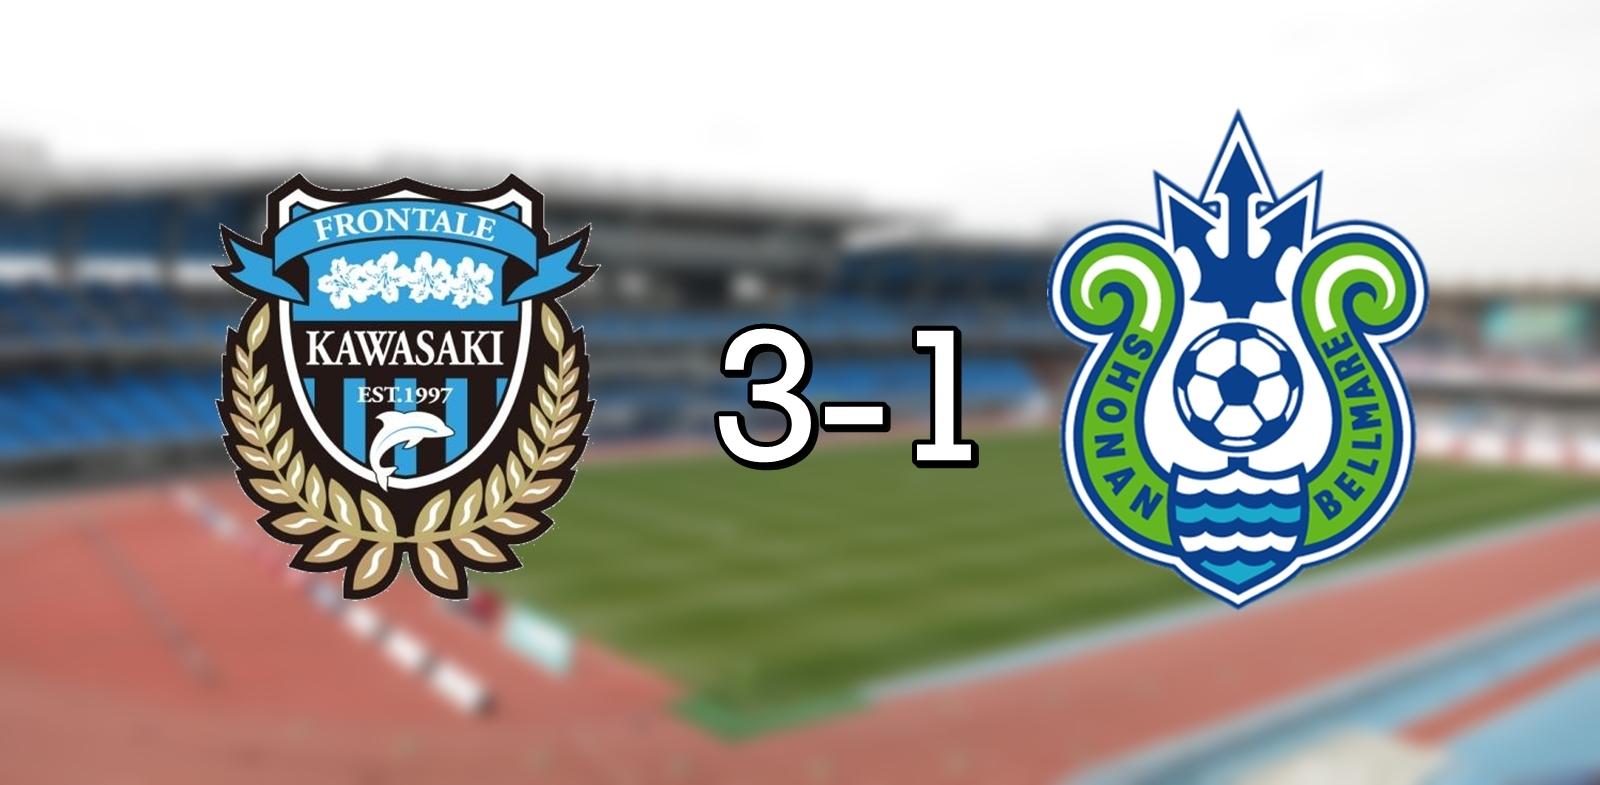 Frontale 3-1 Shonan